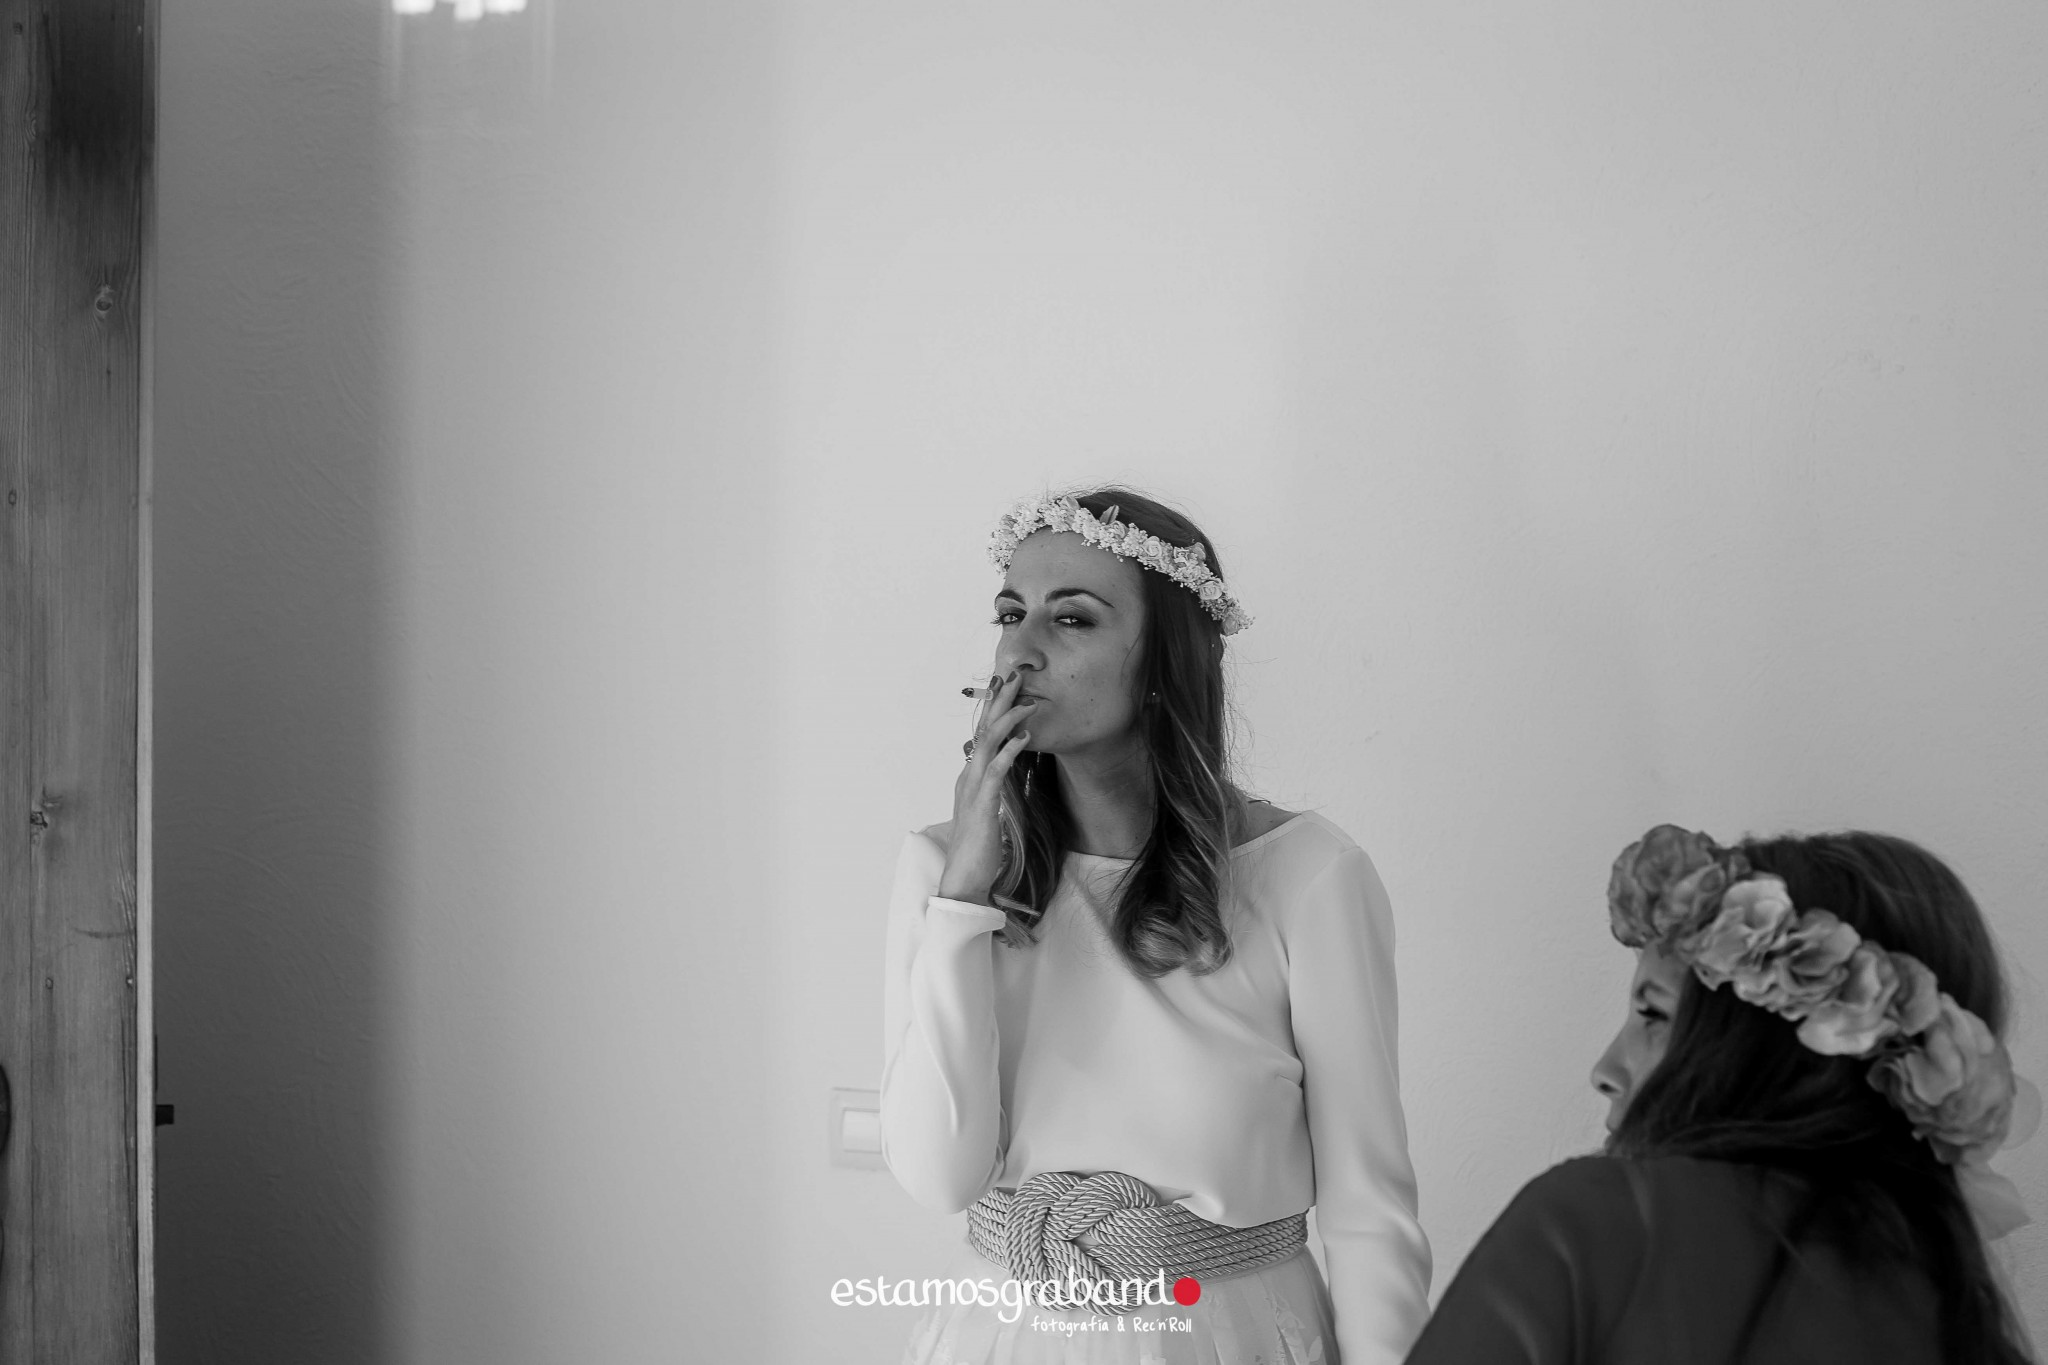 fotografo-de-bodas-jerez_mari-paz-jaime_bodegas-tradiciocc81n-42 32 escalones [Fotografía de bodas Jerez_Mari Paz & Jaime] - video boda cadiz